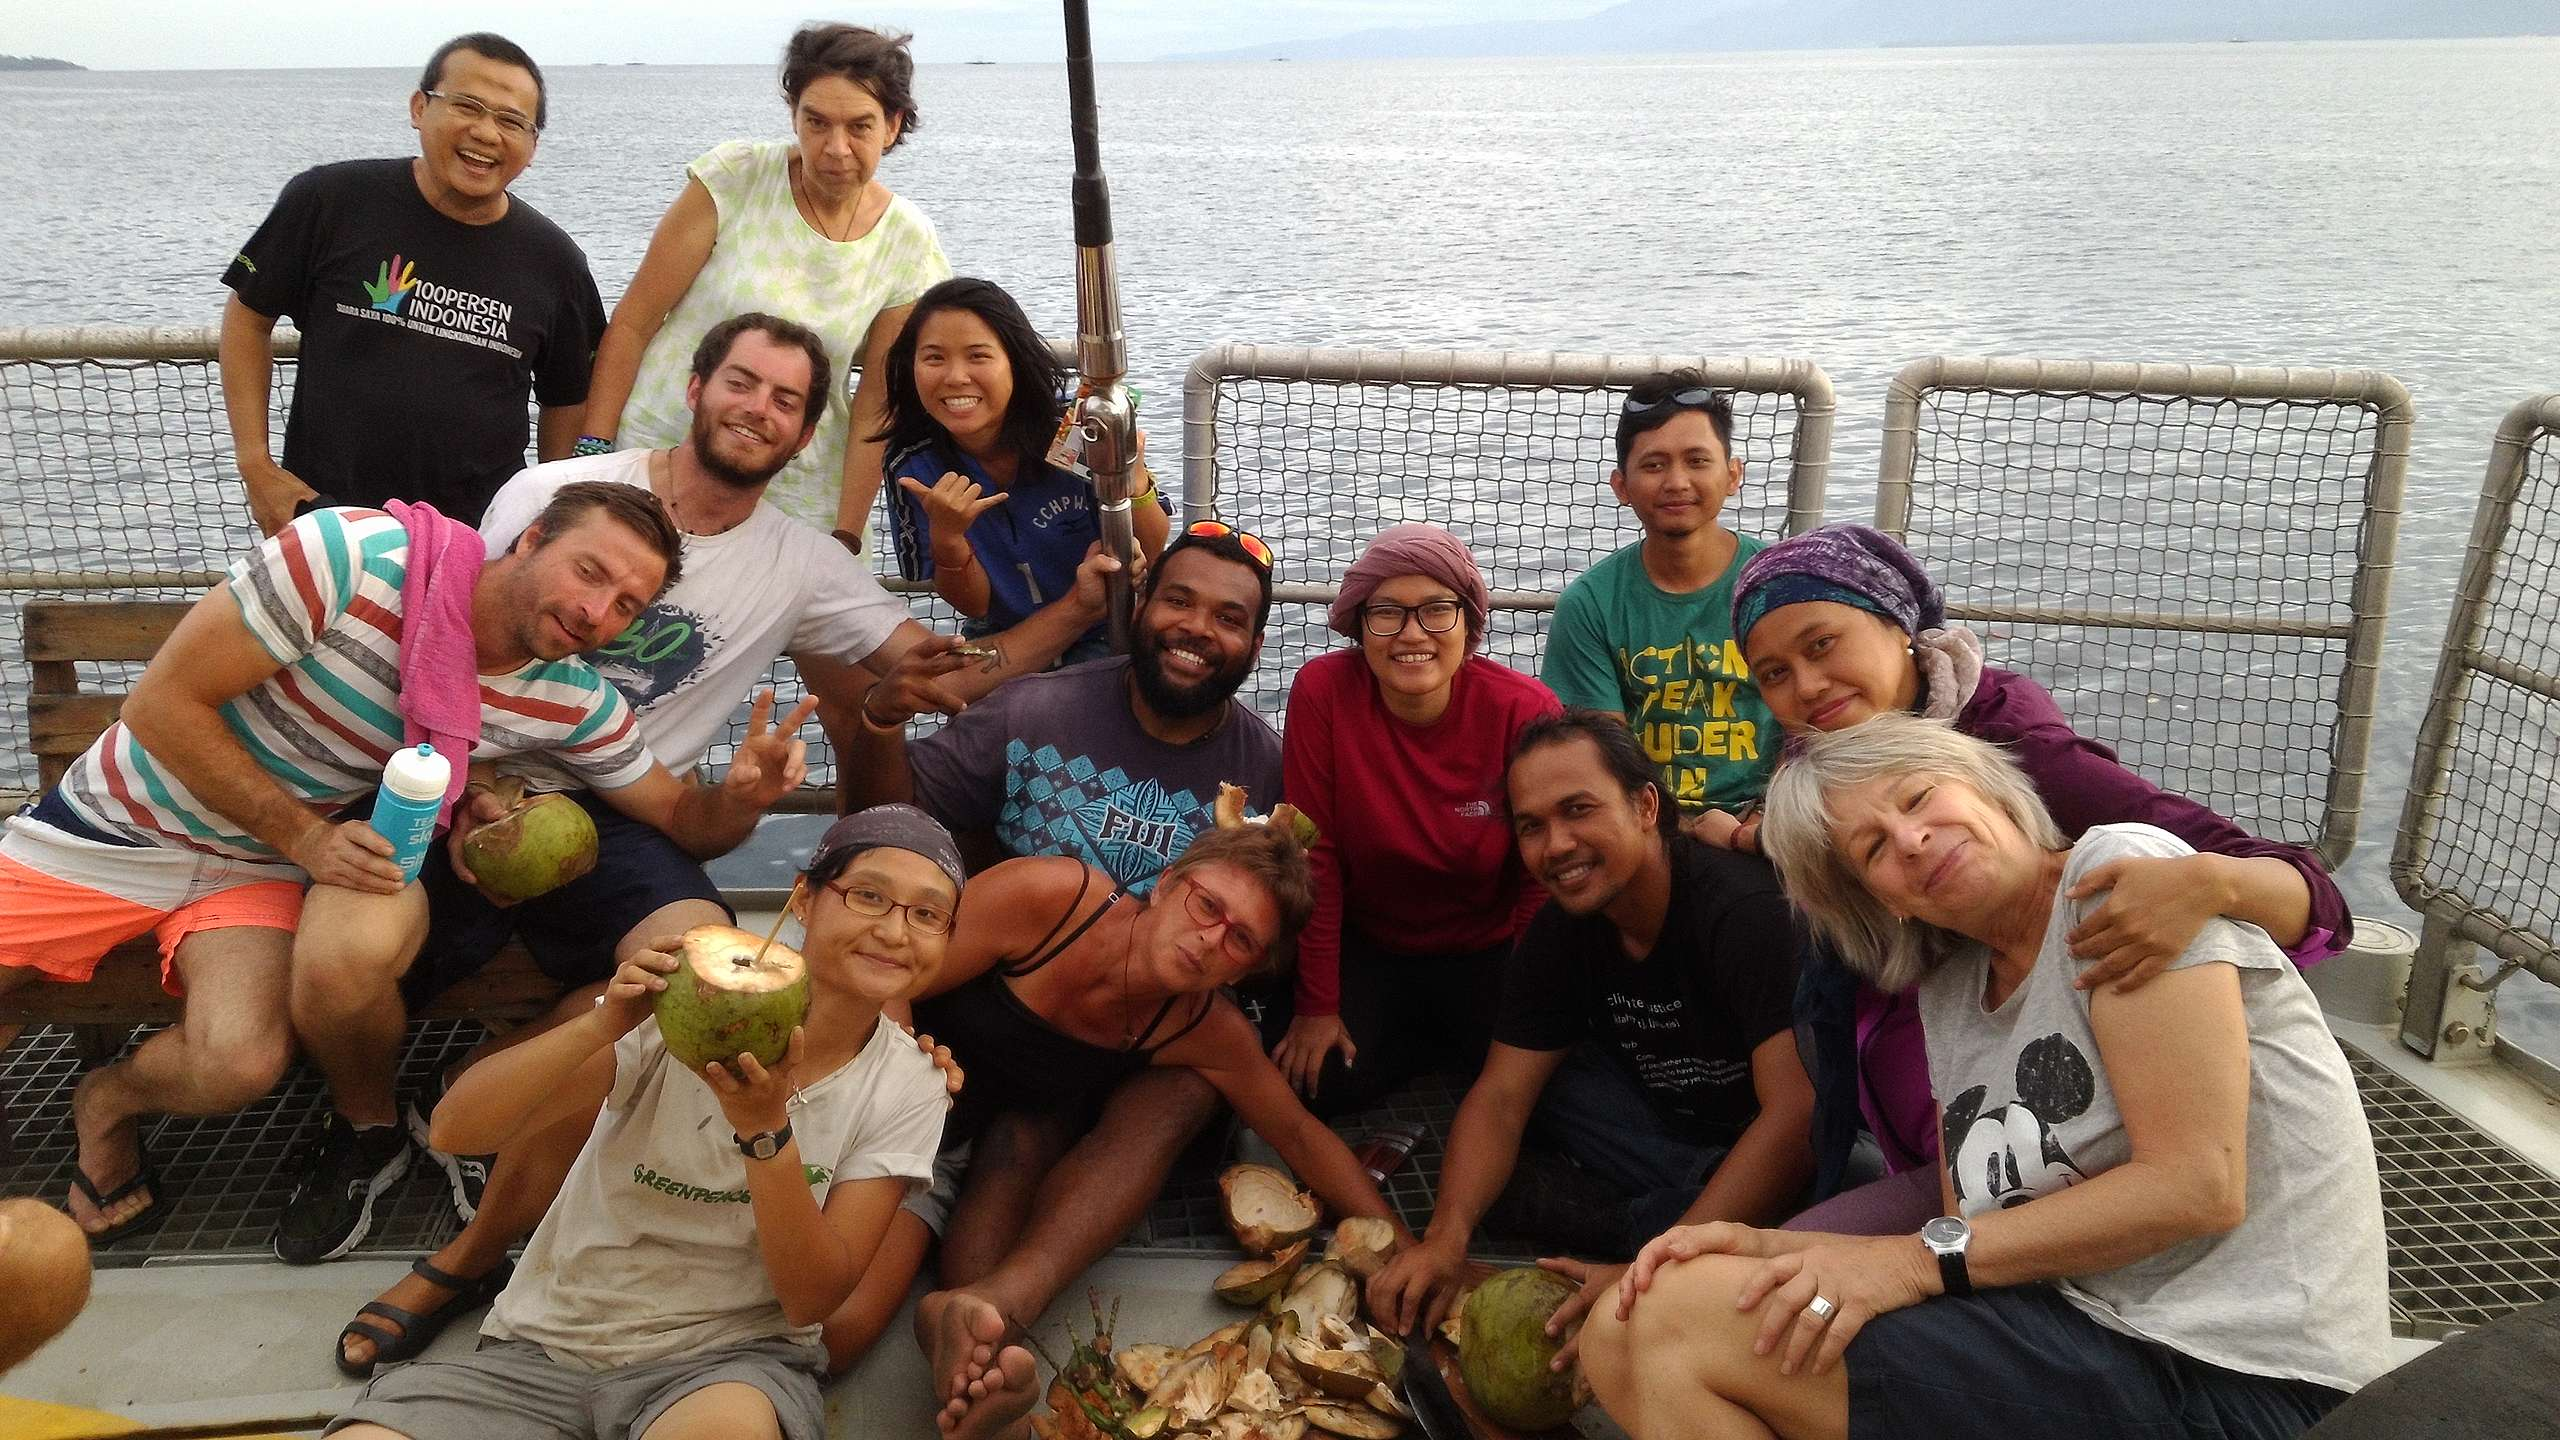 綠色和平船艦的人員來自各個國家,每個人都對守護環境懷抱極大熱忱。